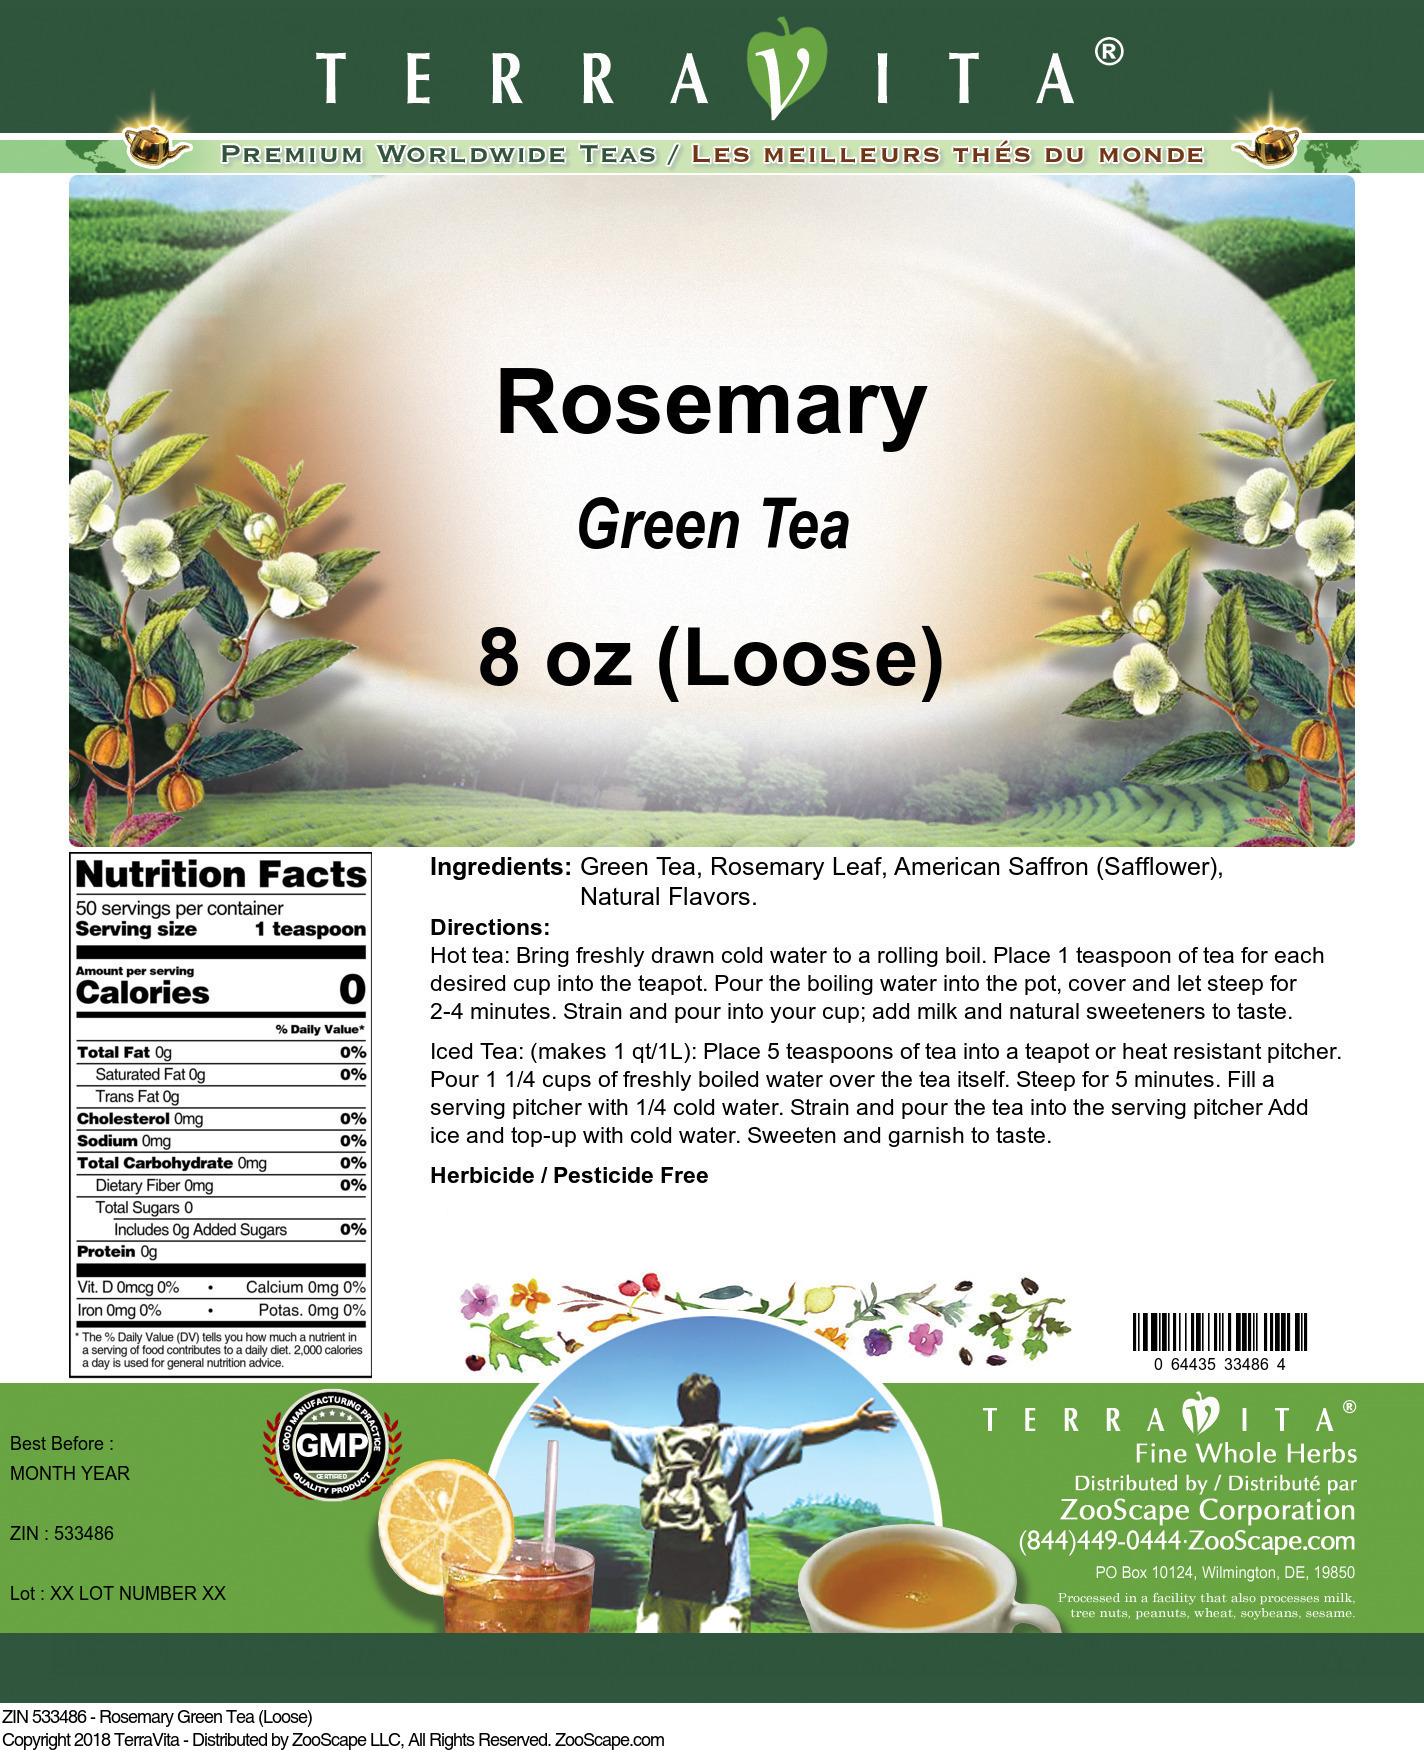 Rosemary Green Tea (Loose)